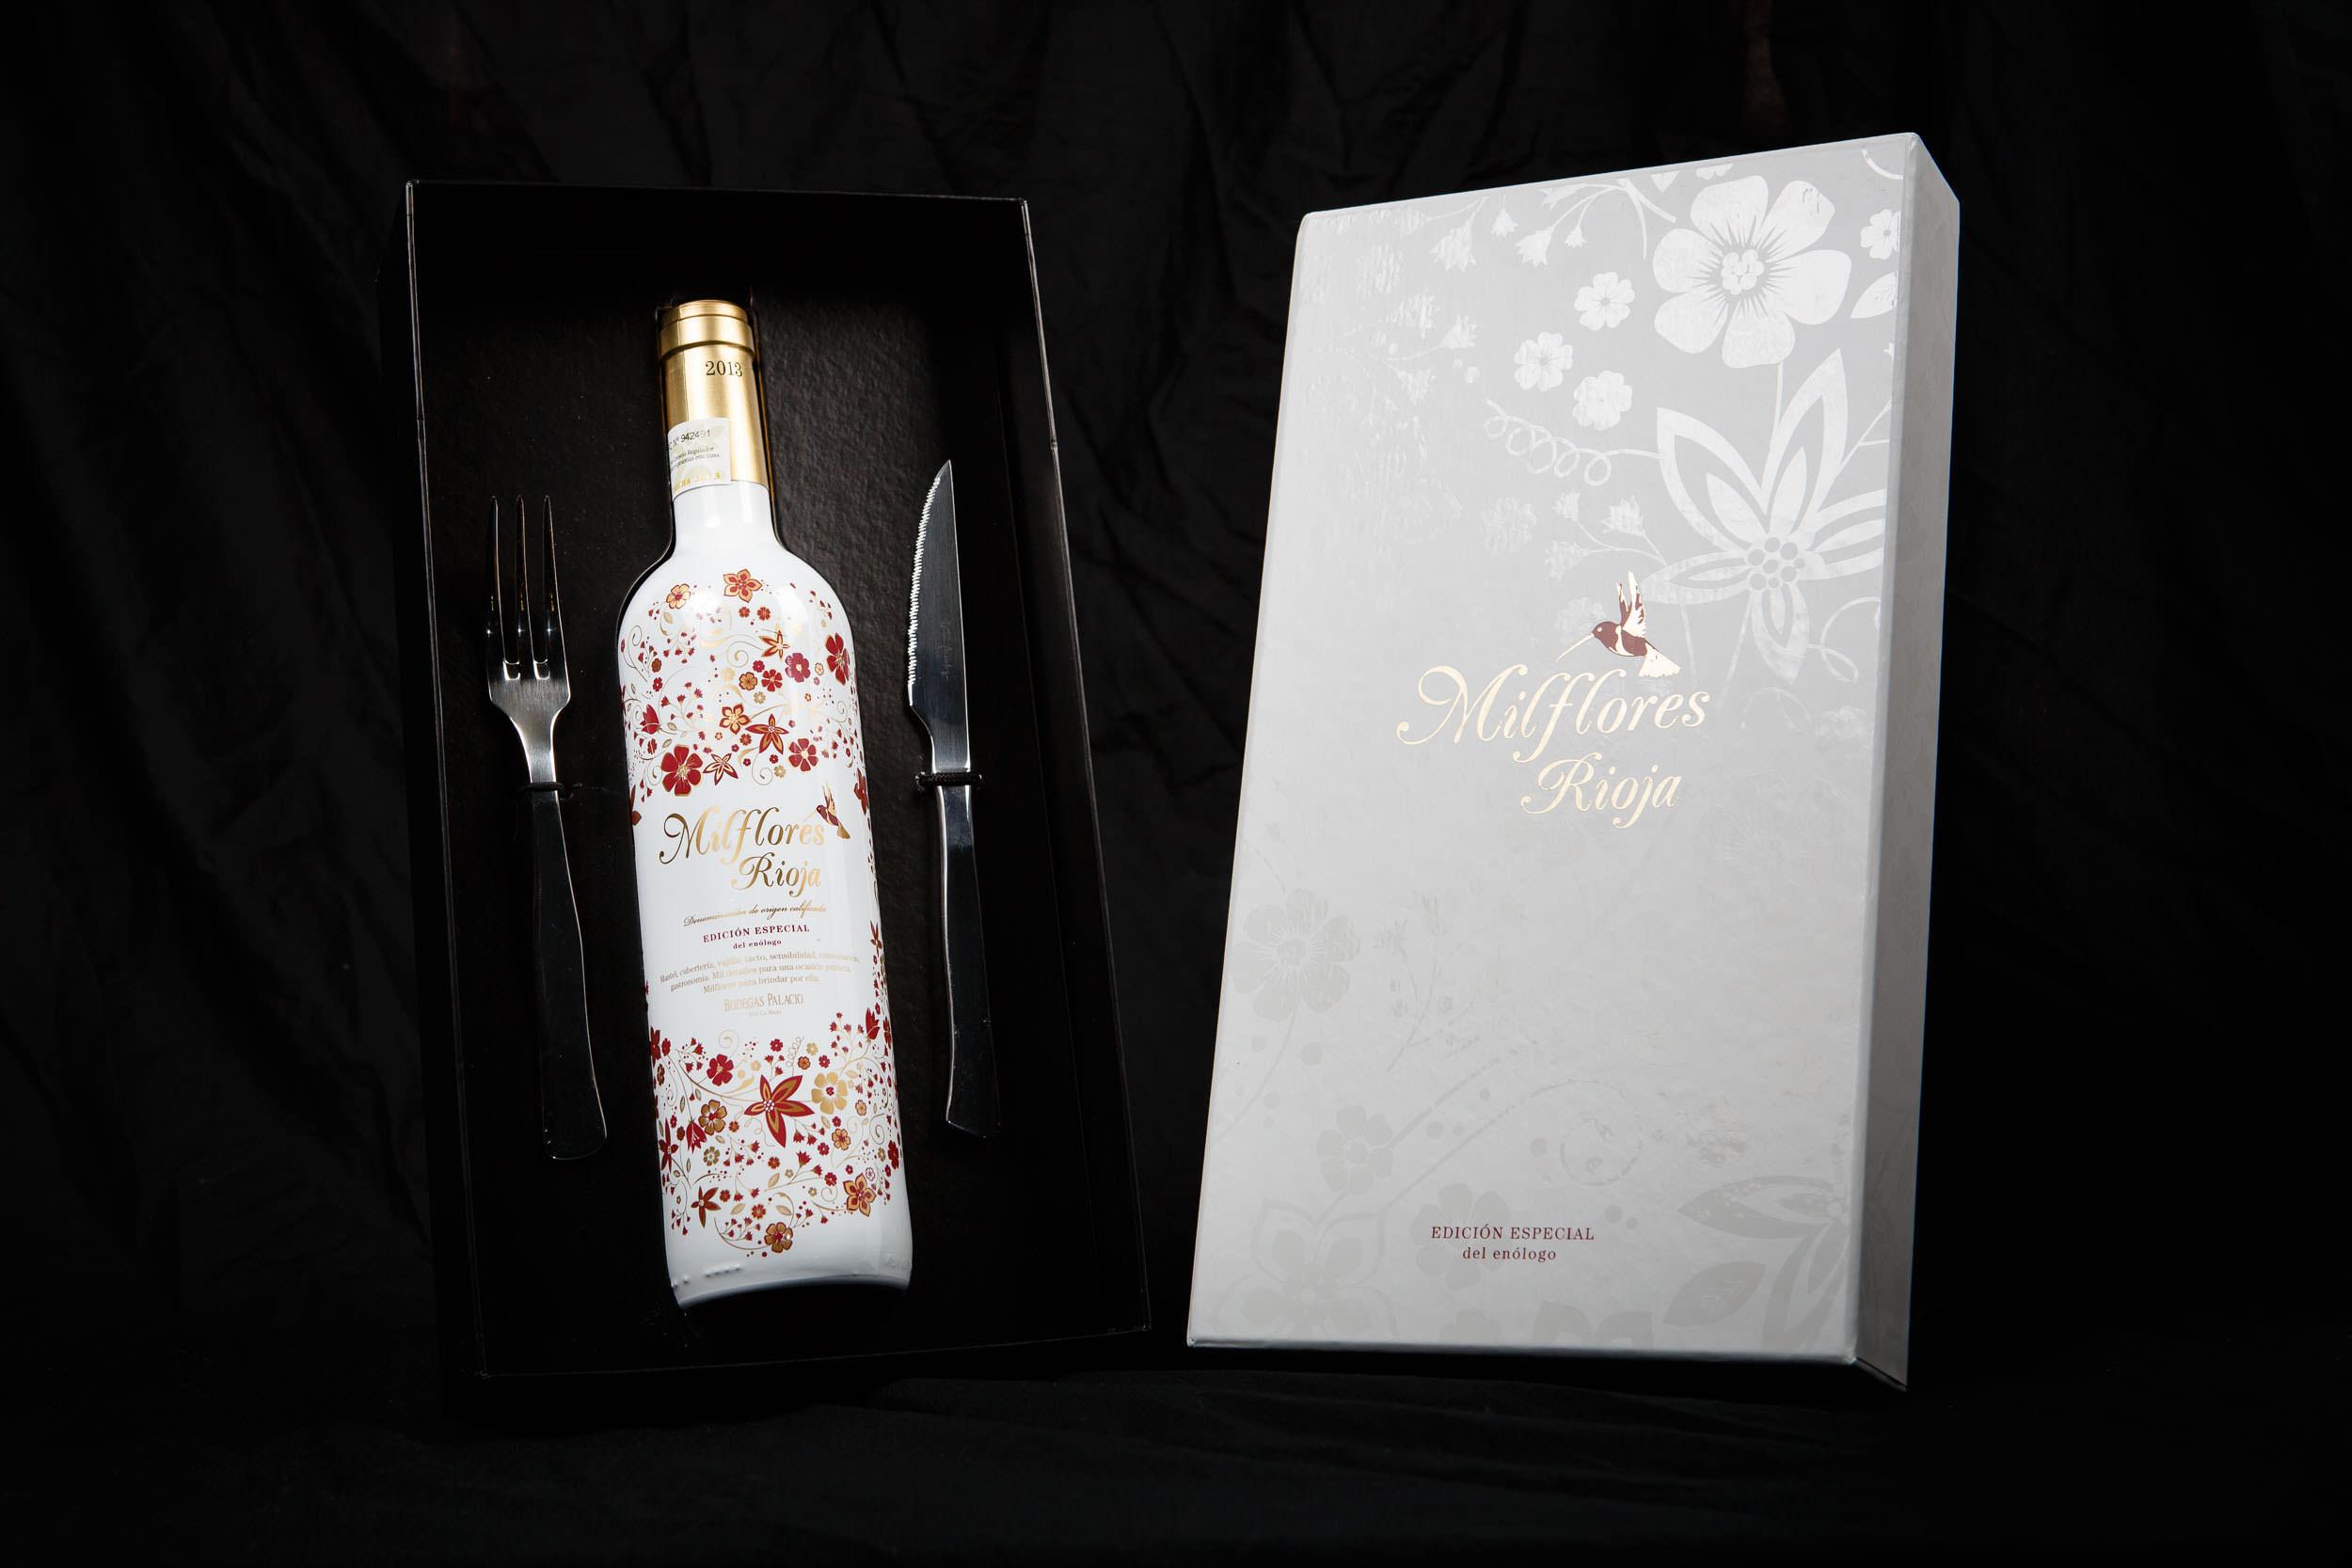 Fotografía comercial La Rioja y Pais Vasco Espana - James Sturcke | sturcke.org_034.jpg